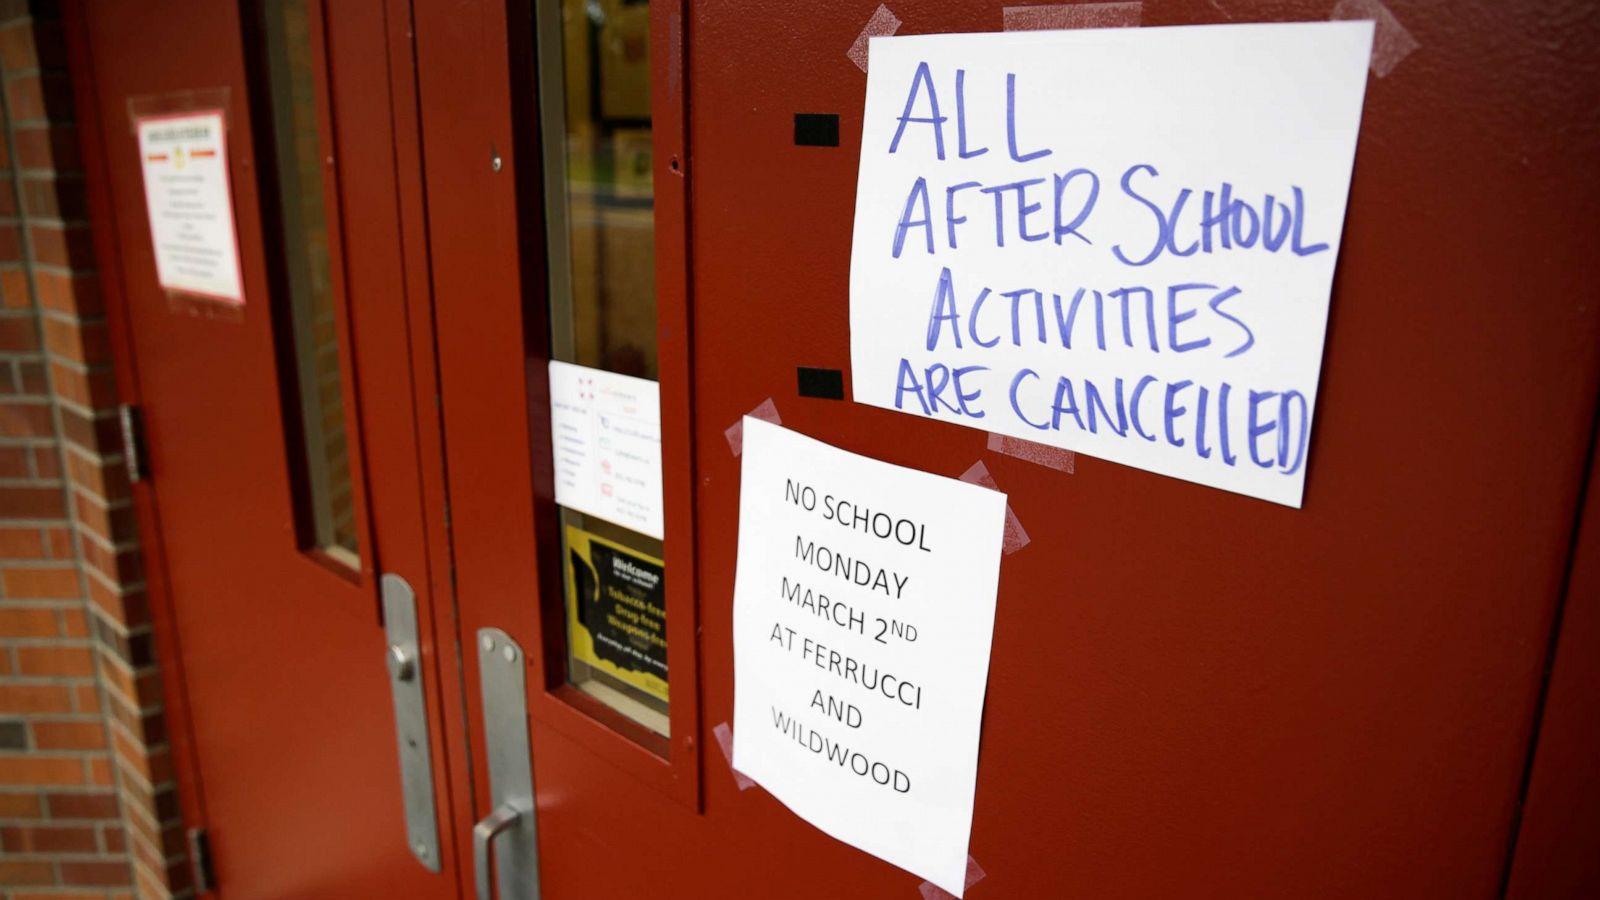 联合国与世界银行表示疫情期间各级学校应该开放授课